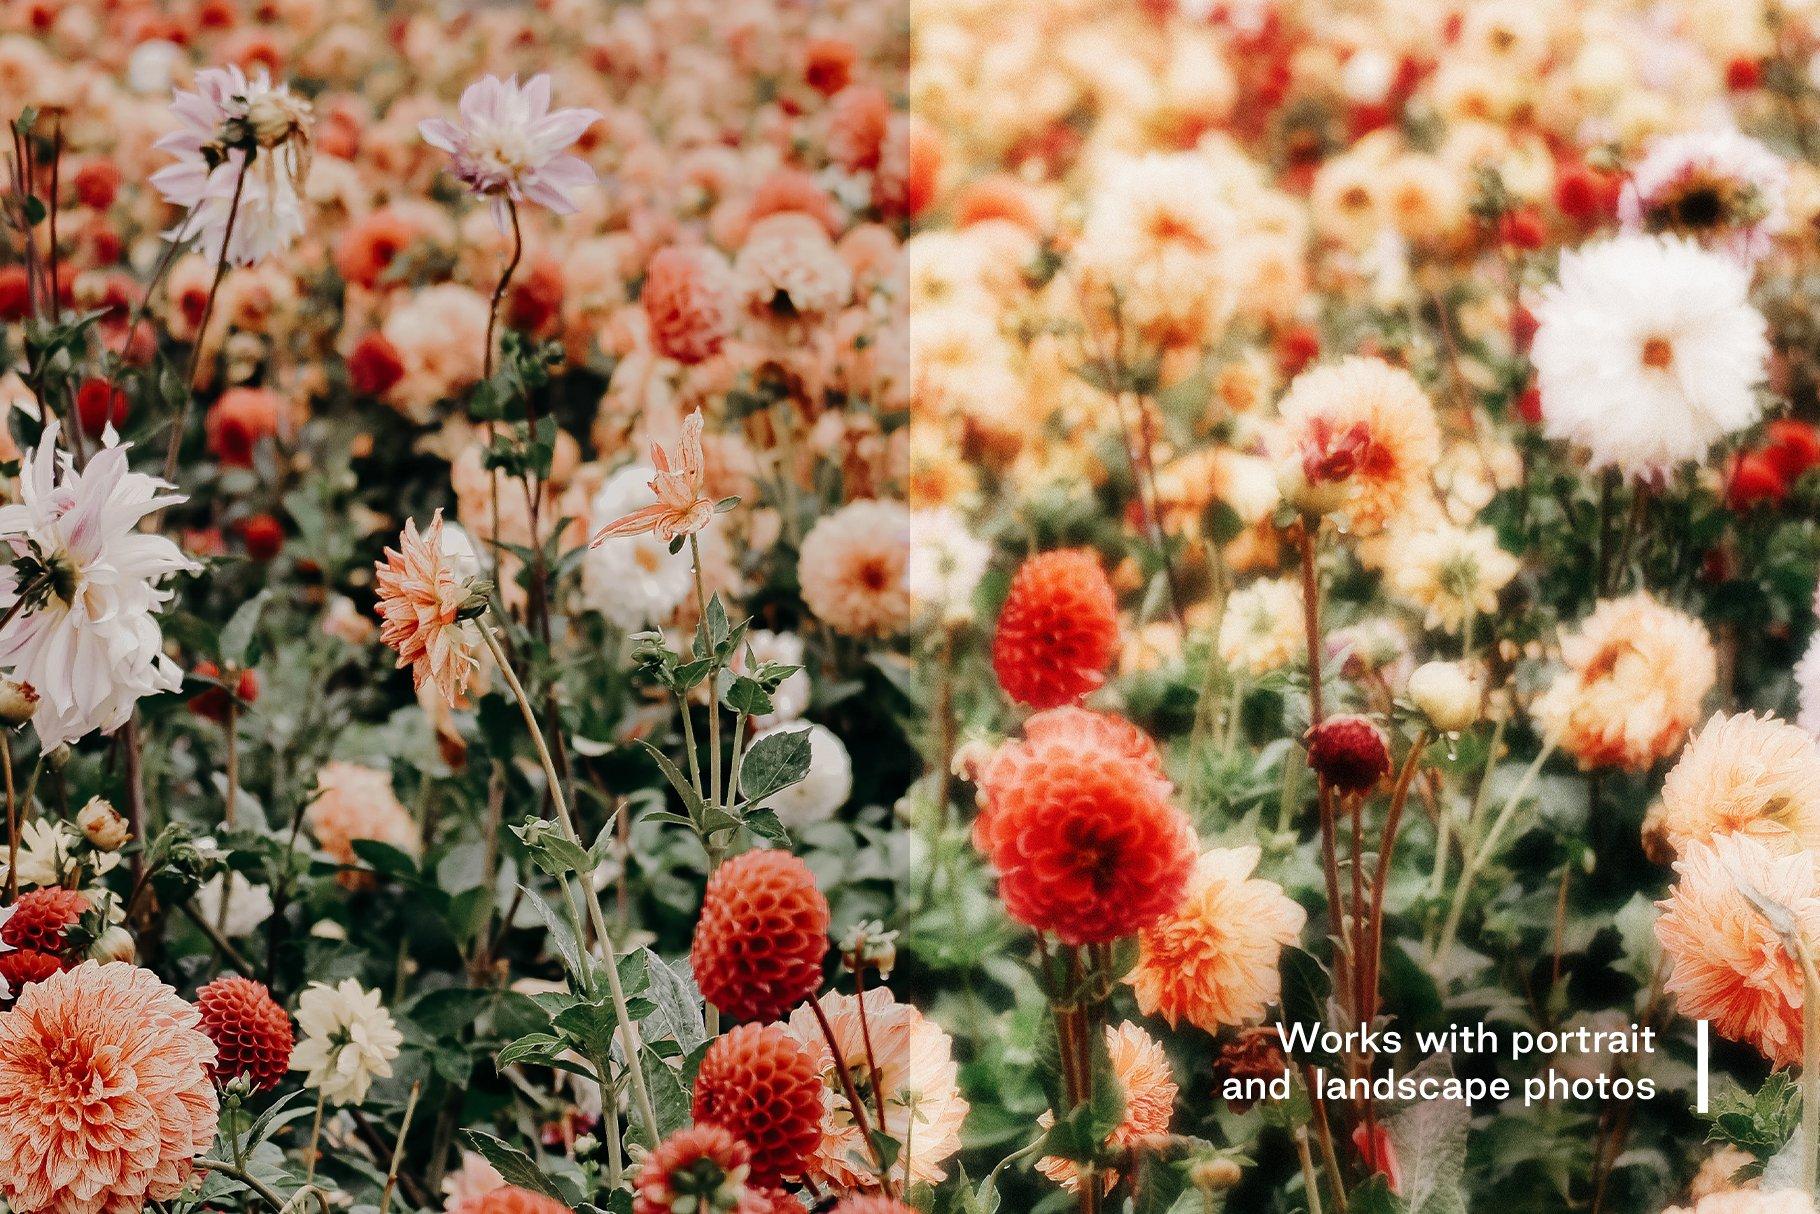 [淘宝购买] 梦幻发光柔和镜头聚焦效果摄影照片后期处理效果PS动作模板 Glow – Soft Lens Focus Action插图(1)